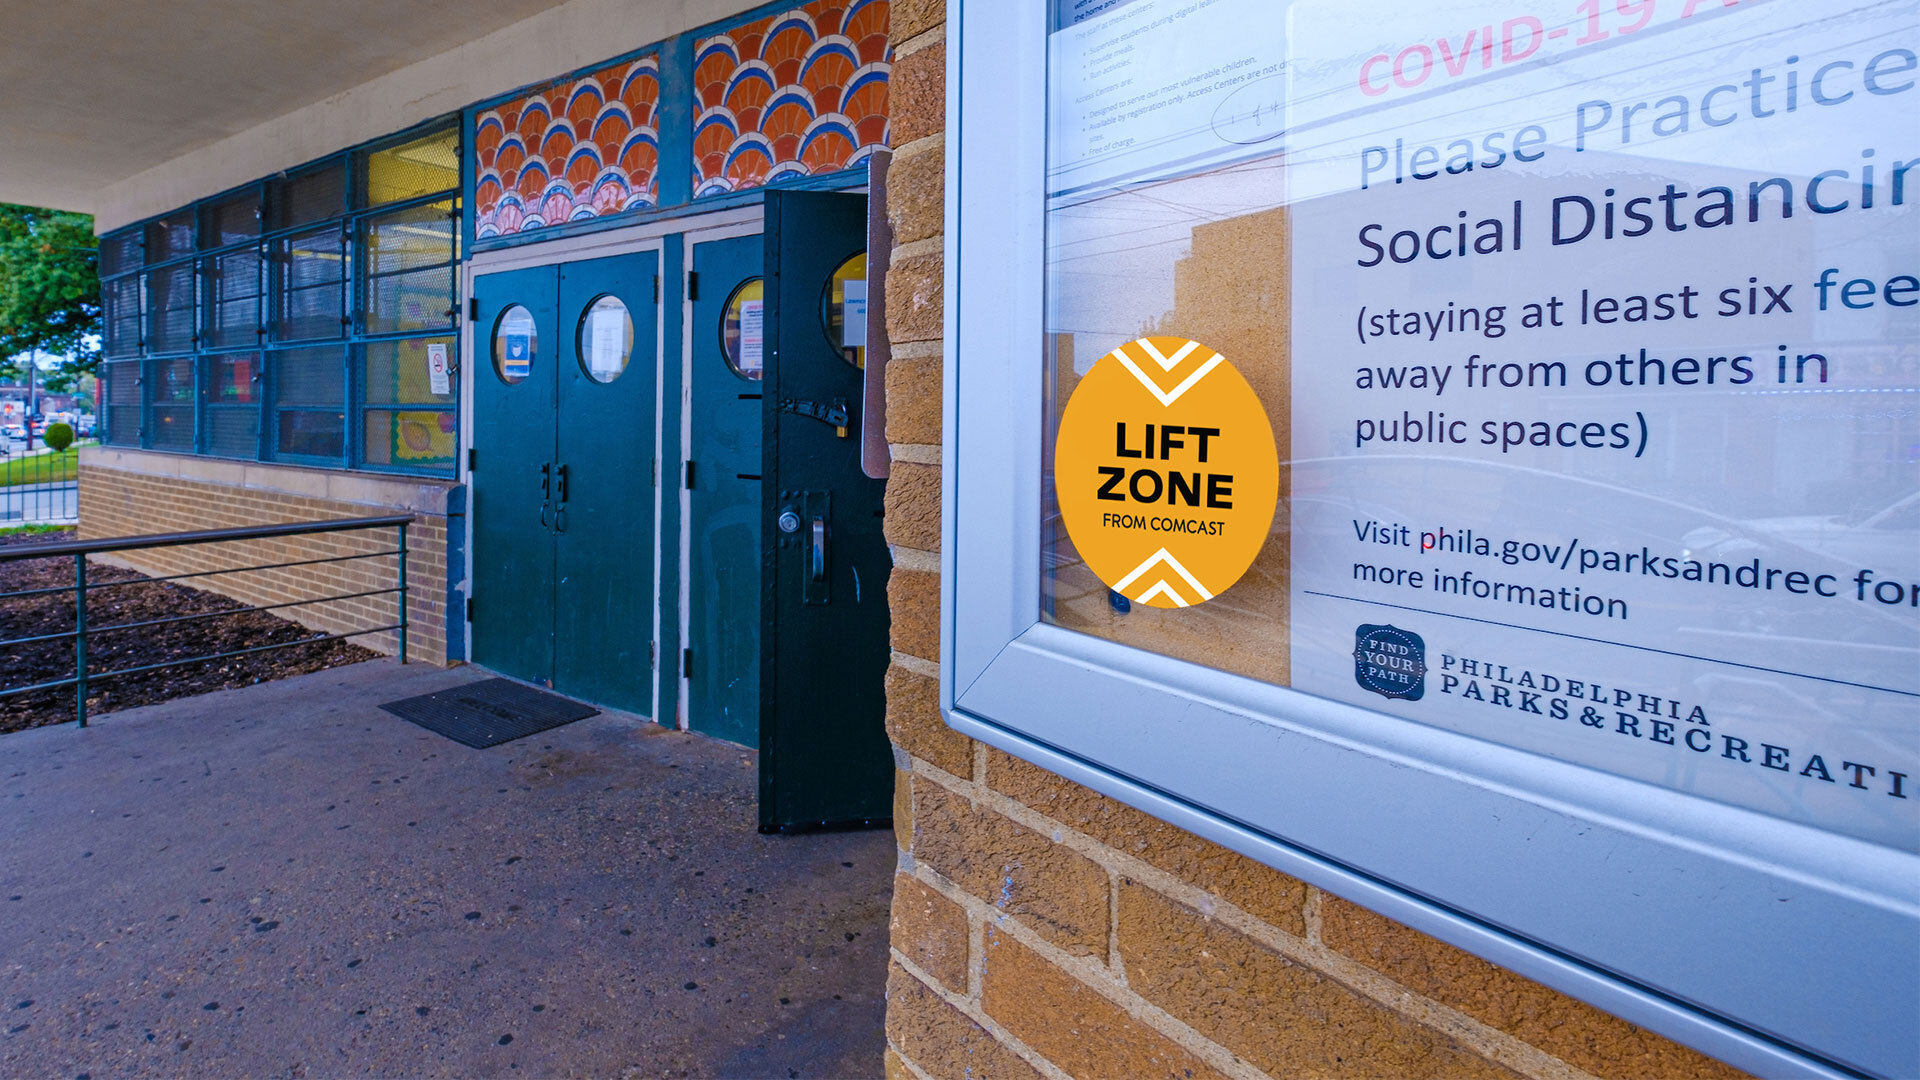 A Lift Zones sticker on a bulletin board.